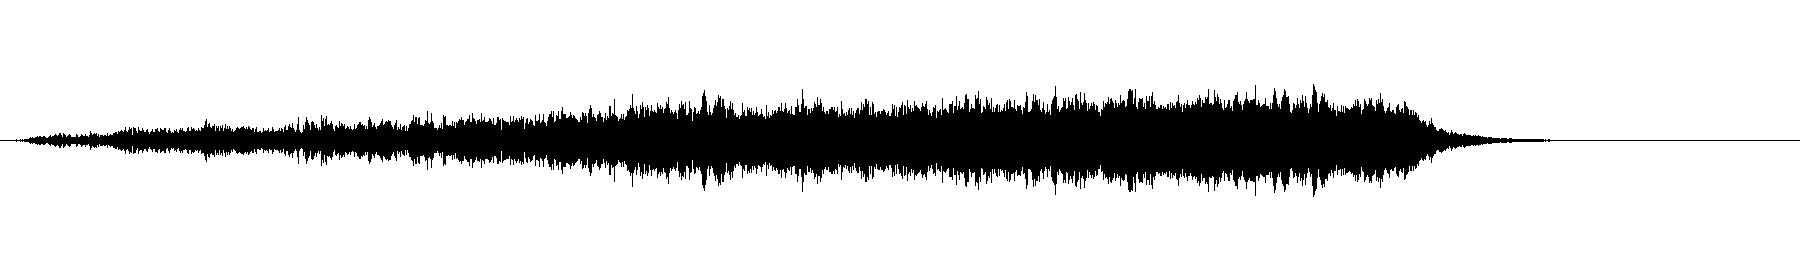 str fx b 06 xs